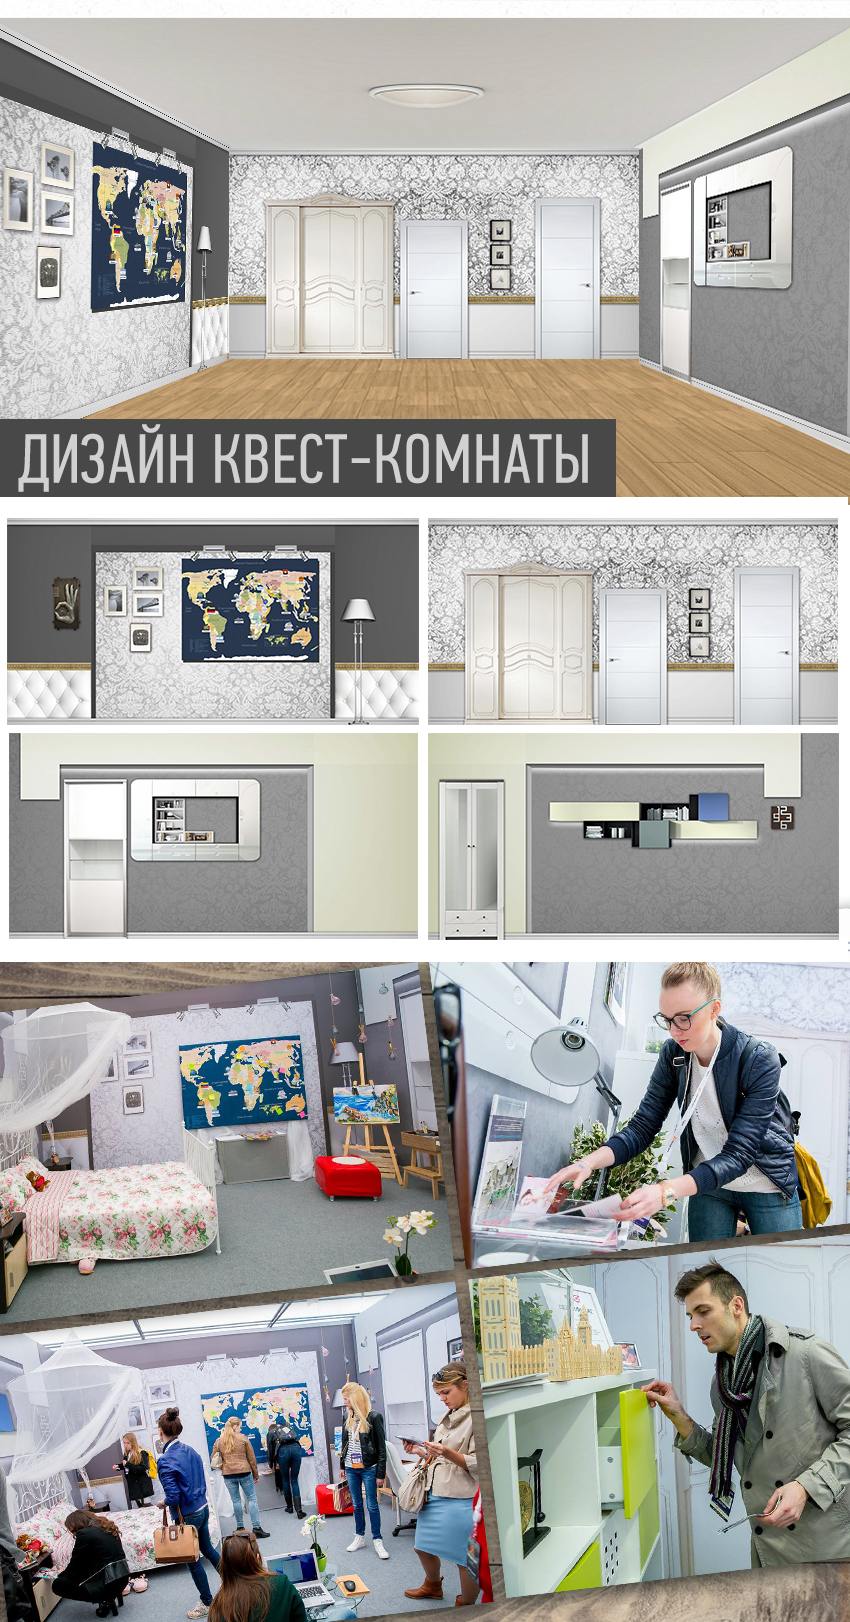 Баннеры- дизайн игровой Квест комнаты 20м комната молодой девушки